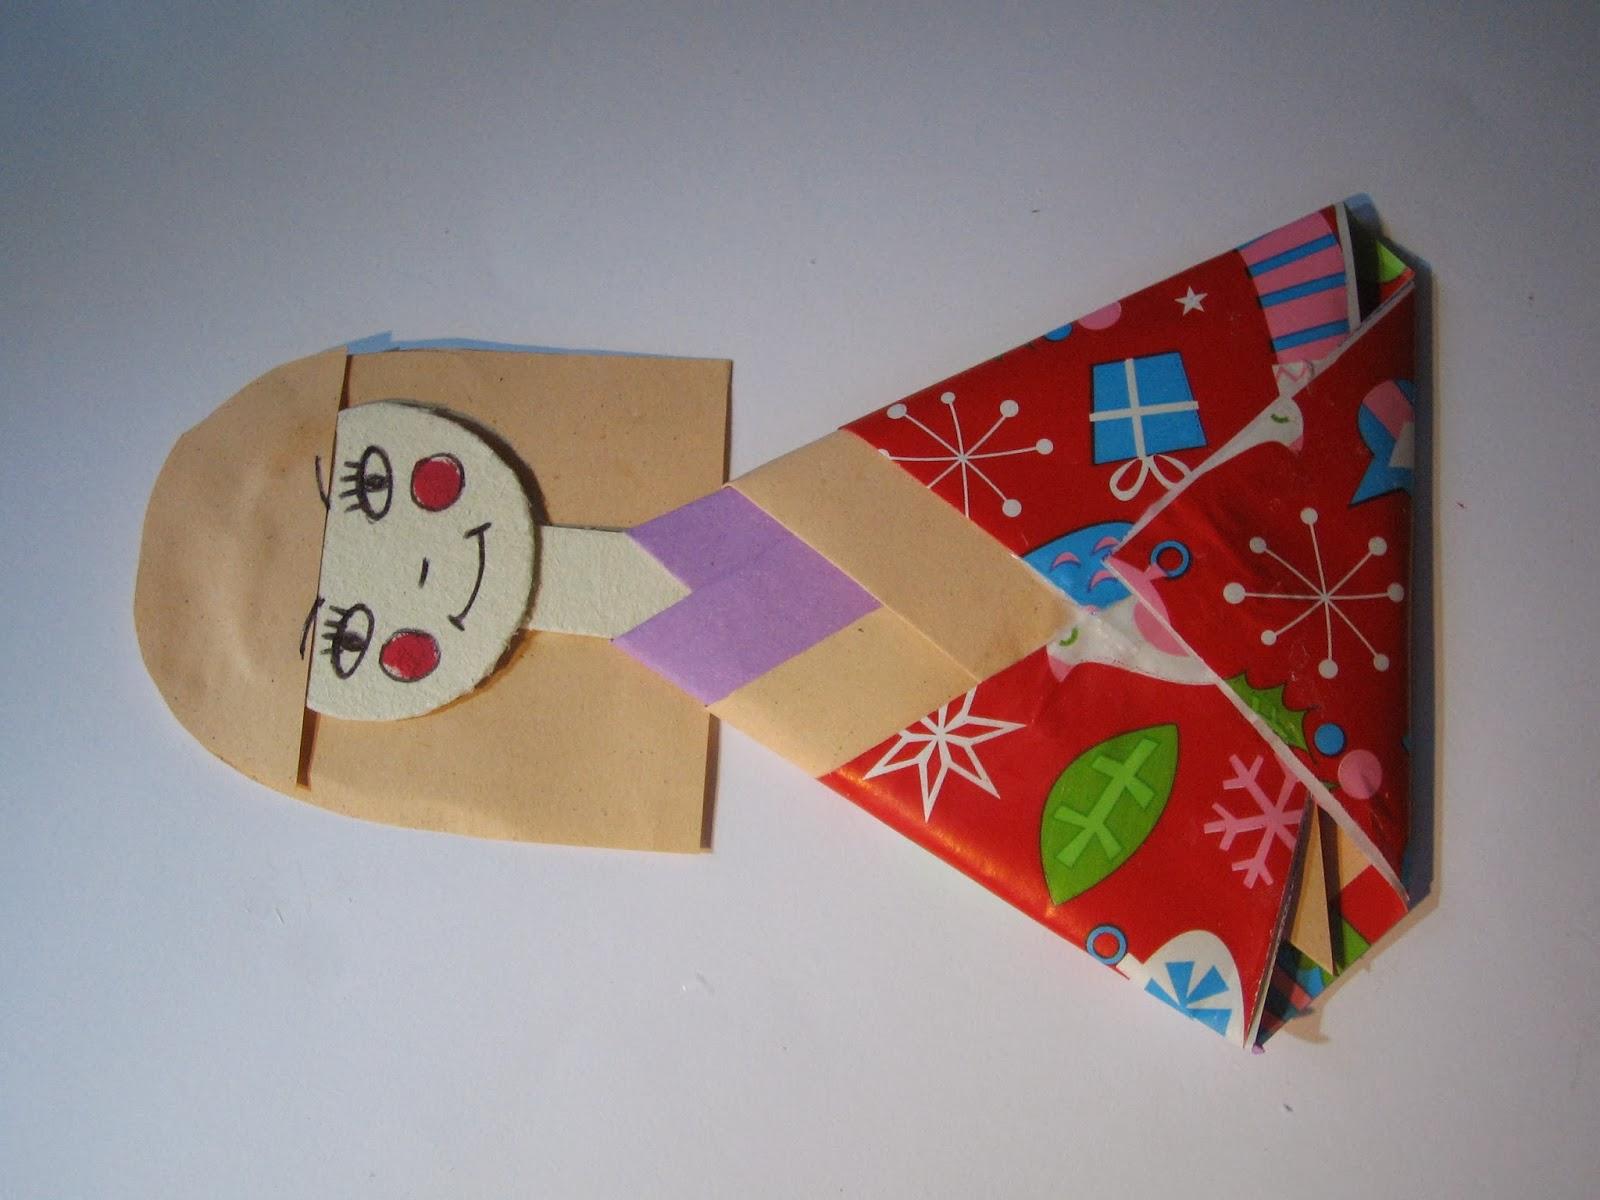 születésnapi játékok 9 éveseknek kreativgyermek: Szülinapi zsúr ötletek születésnapi játékok 9 éveseknek